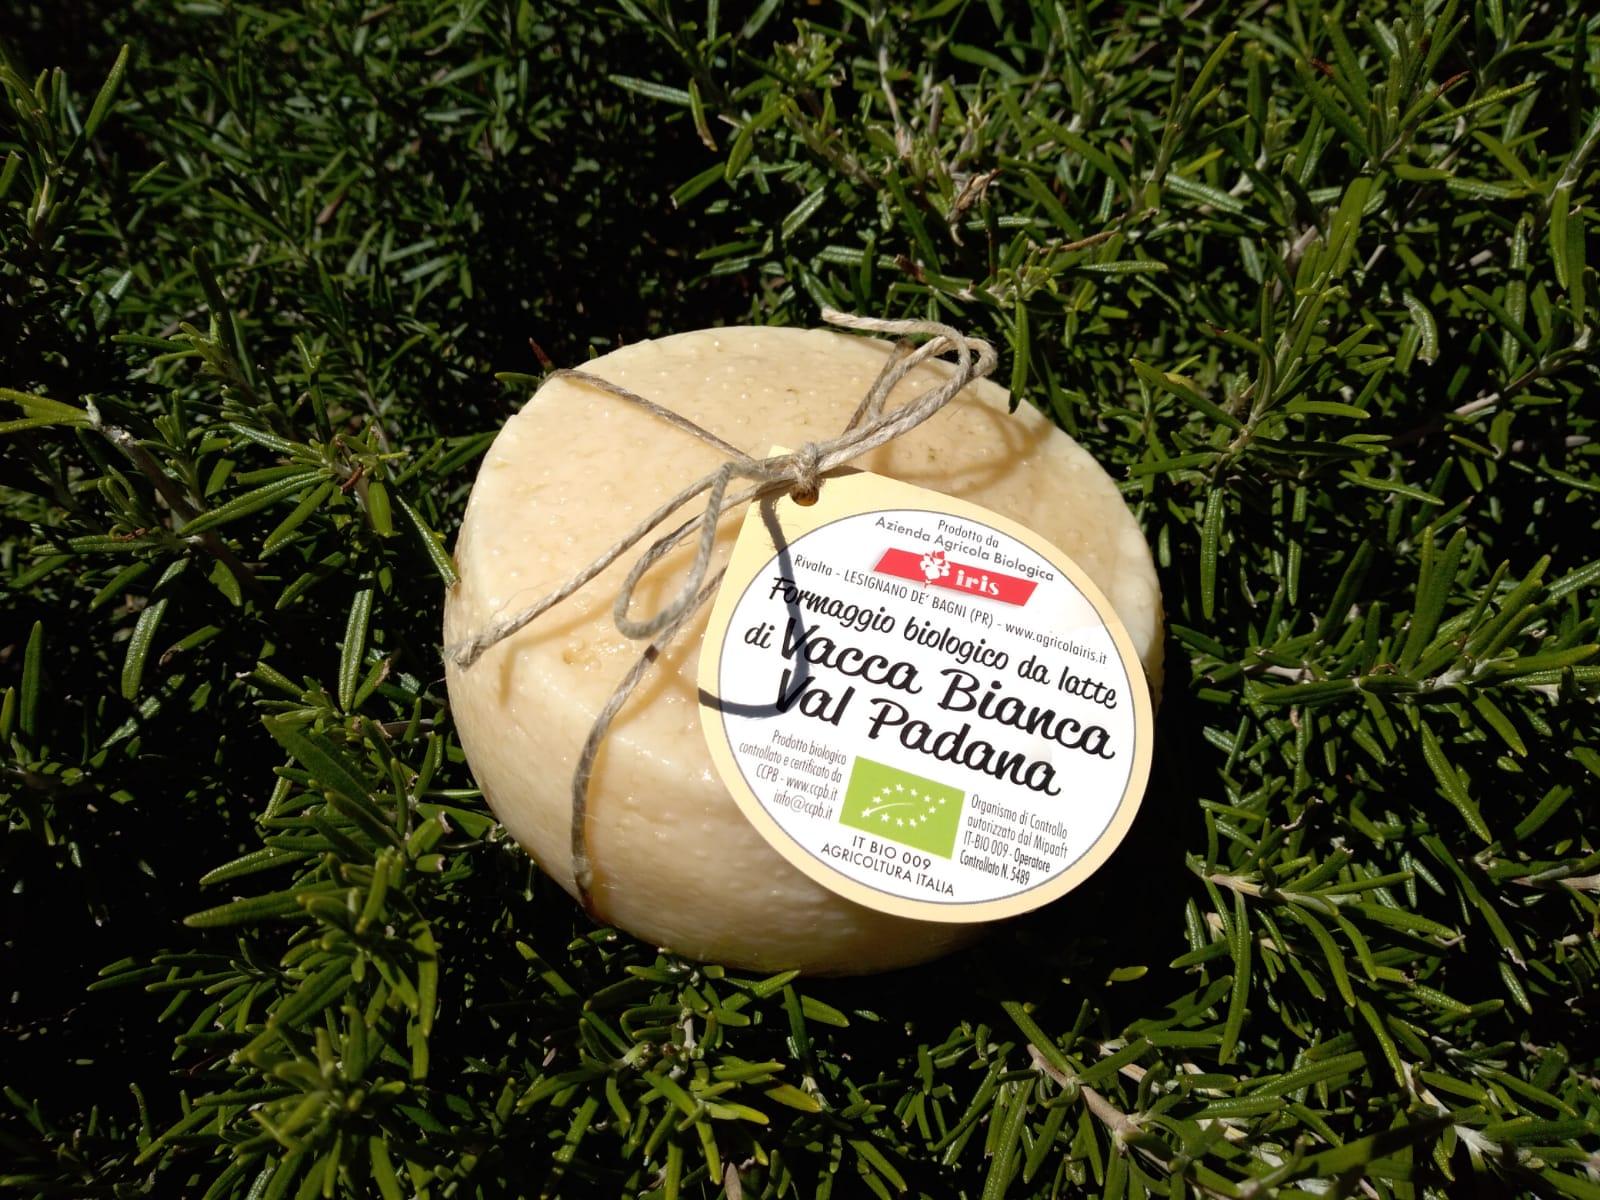 Caciotta di Vacca Bianca Val Padana